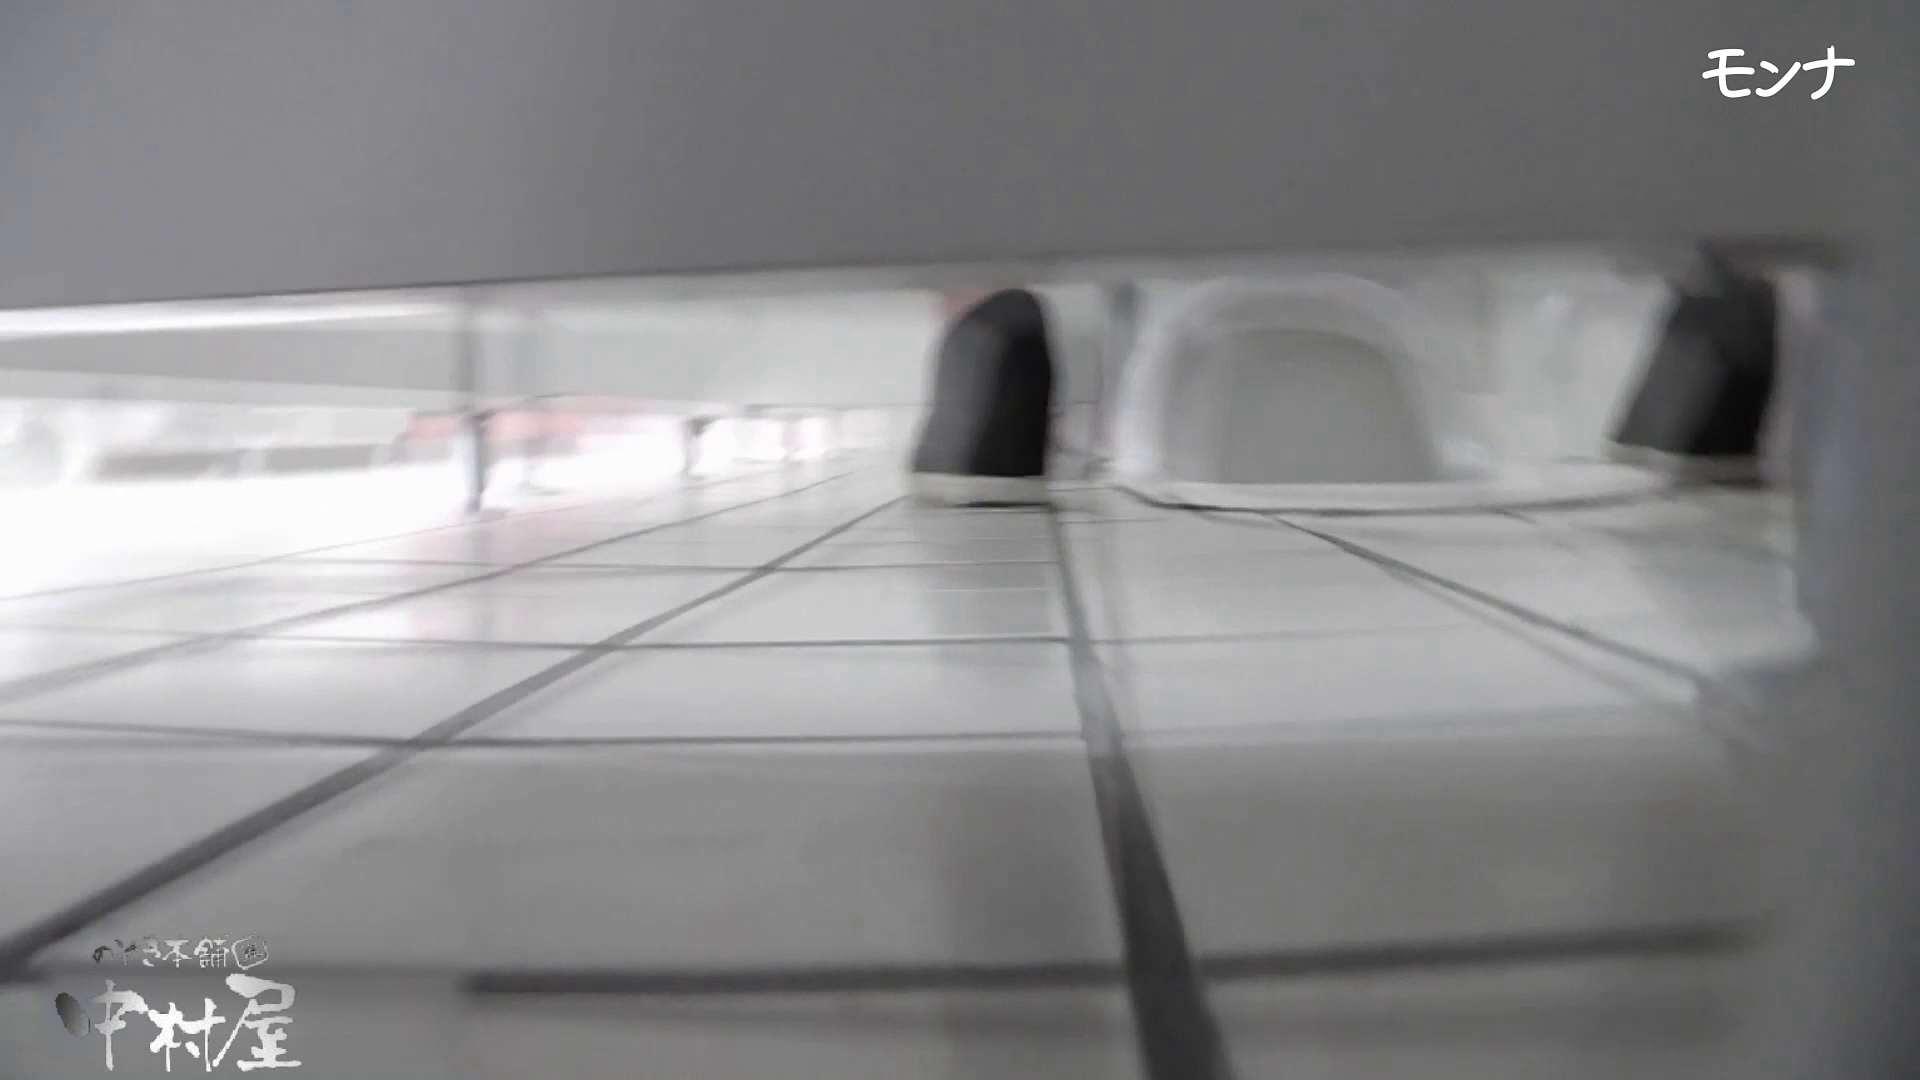 【美しい日本の未来】美しい日本の未来 No.73 自然なセクシーな仕草に感動中 現役ギャル のぞき動画画像 89pic 53